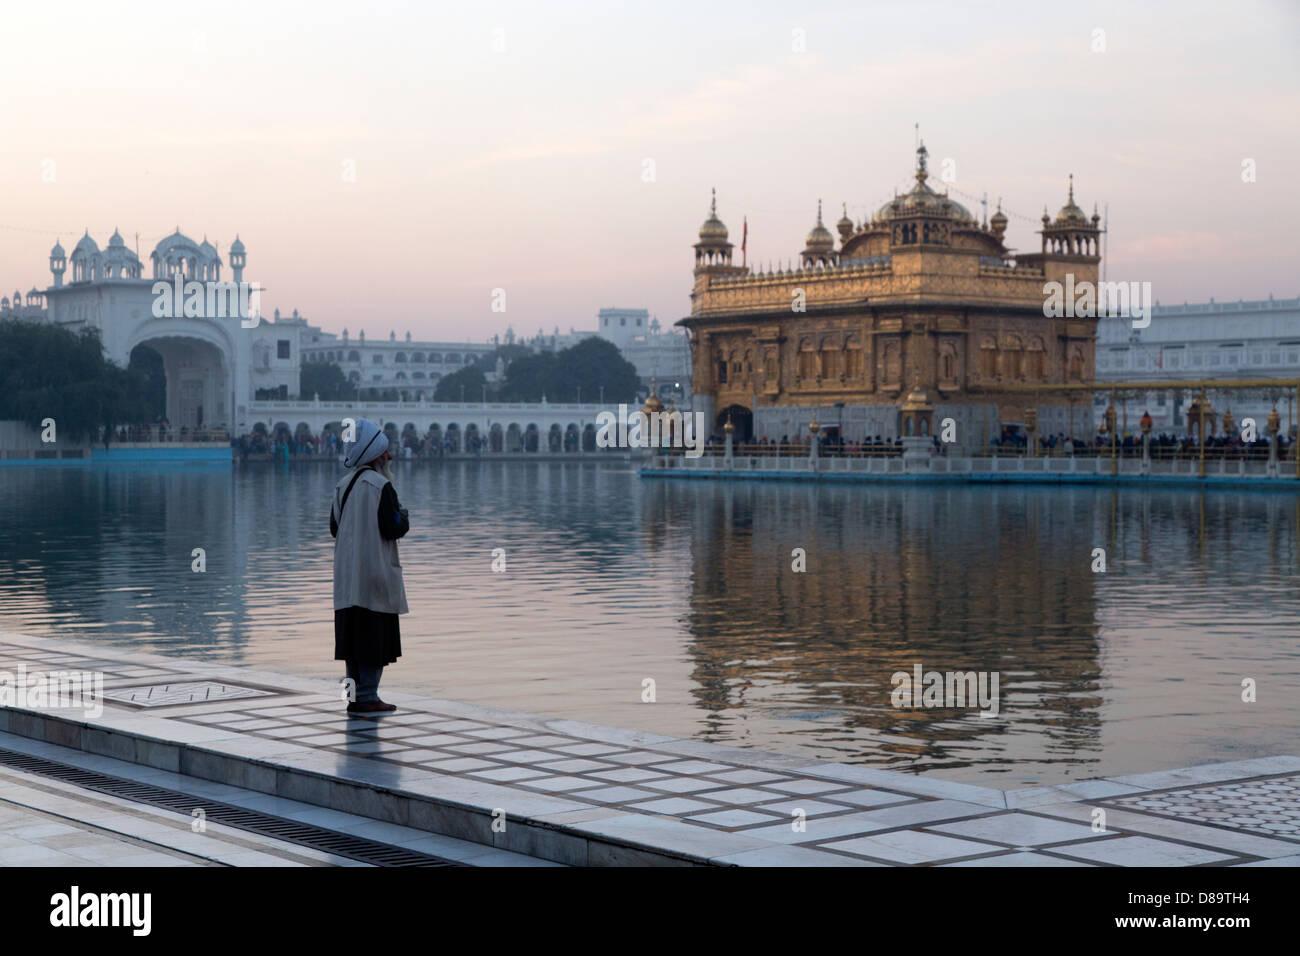 India, Punjab, Amritsar. golden Temple, Holy Man looking at temple at dawn - Stock Image